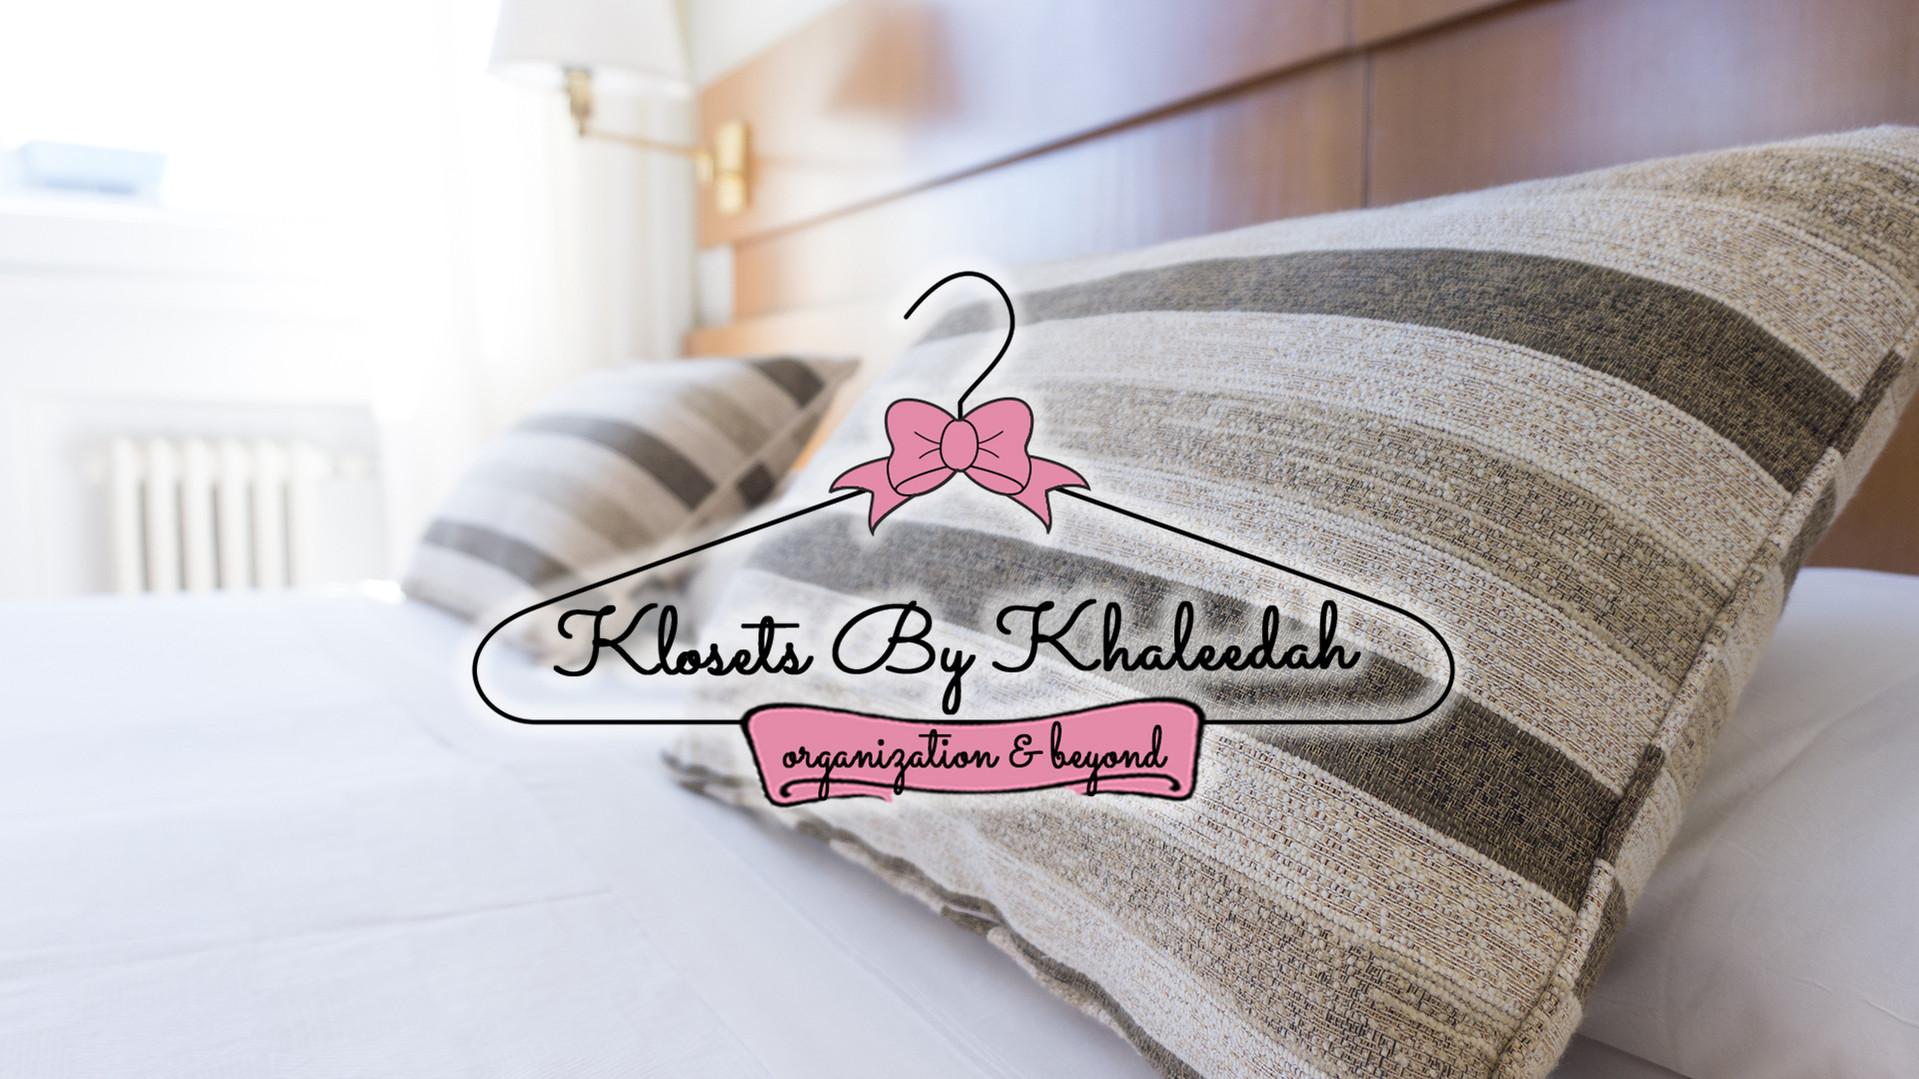 KlosetsbyKhaledah_Wallpapers.jpg